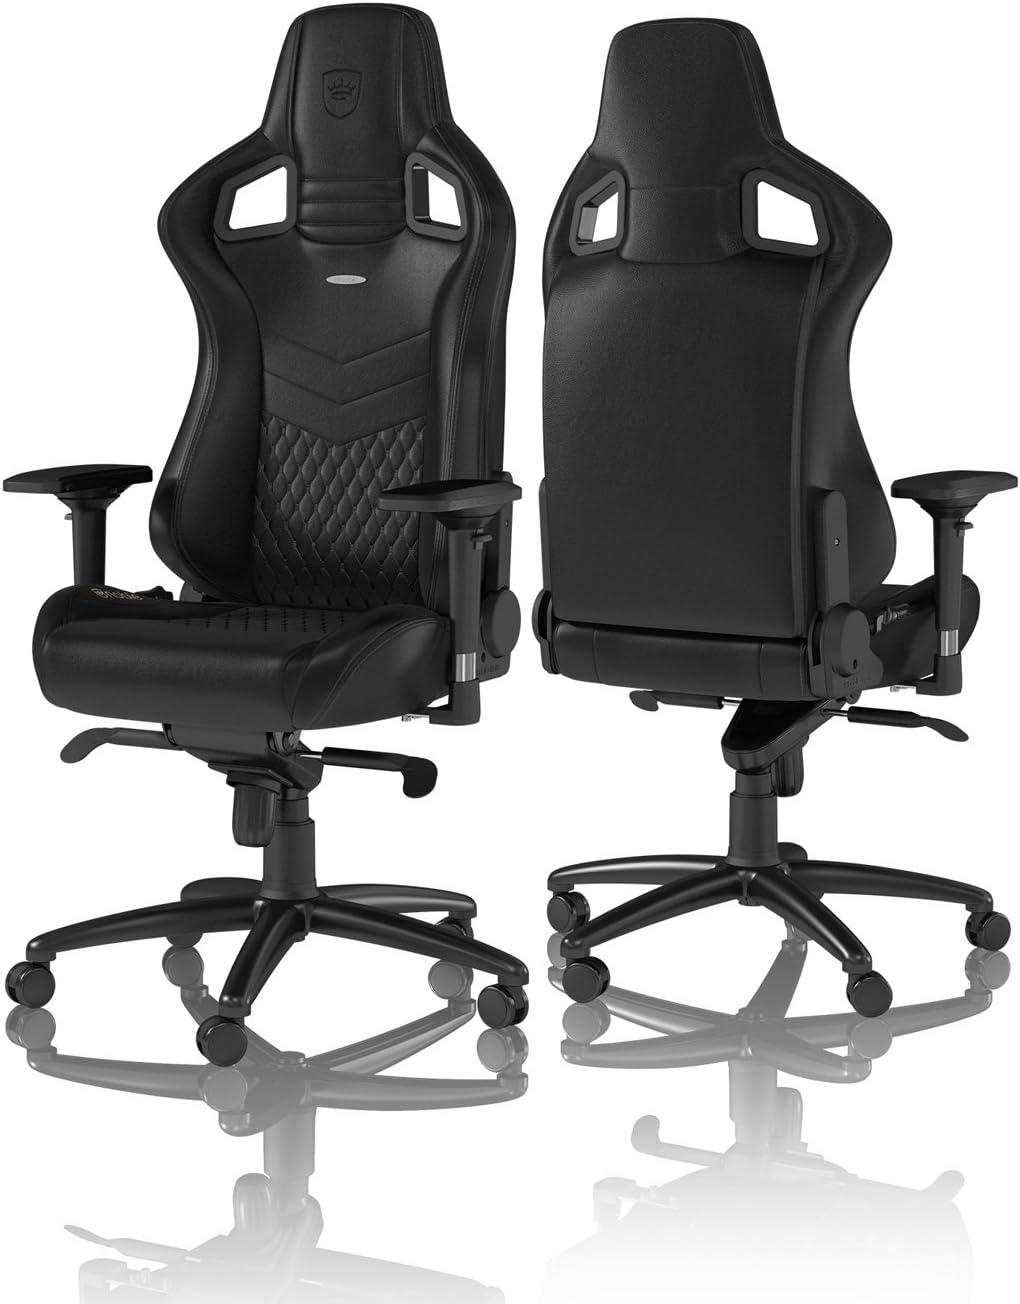 noblechairs Epic Sedia da Gaming - Sedia da Ufficio - Sedia da scrivania - Pelle Vera - 120kg - 135° reclinabile - Cuscino di Sostegno Lombare - Nero